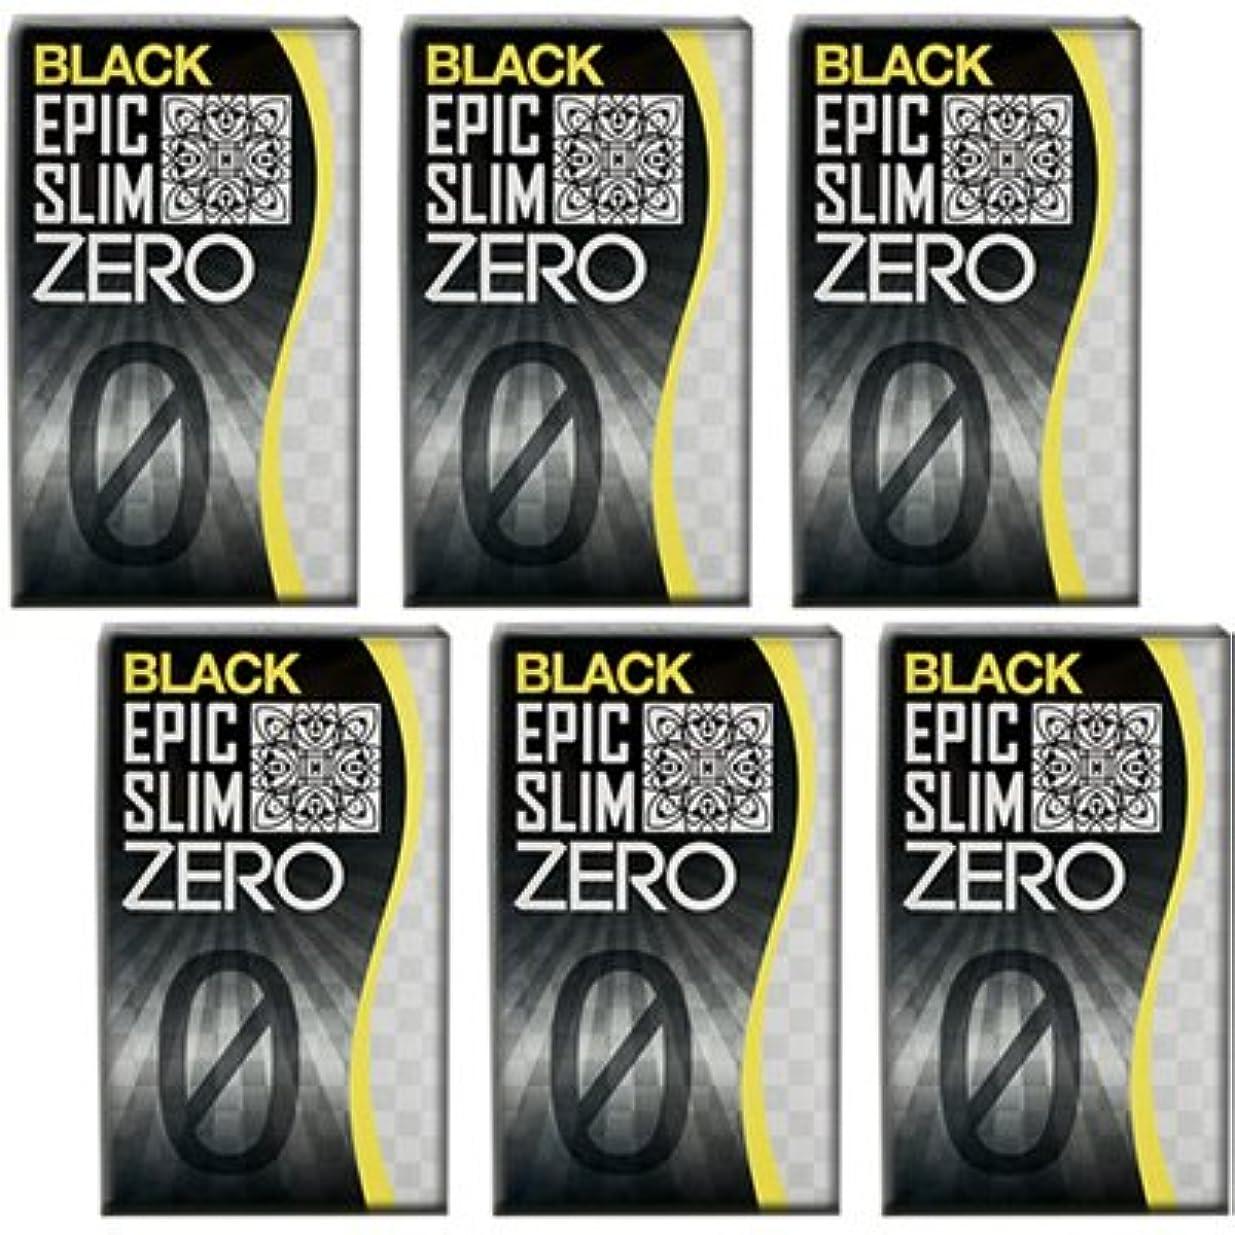 一般危険ジーンズブラック エピックスリム ゼロ ブラック 6個セット!  Epic Slim ZERO BLACK ×6個